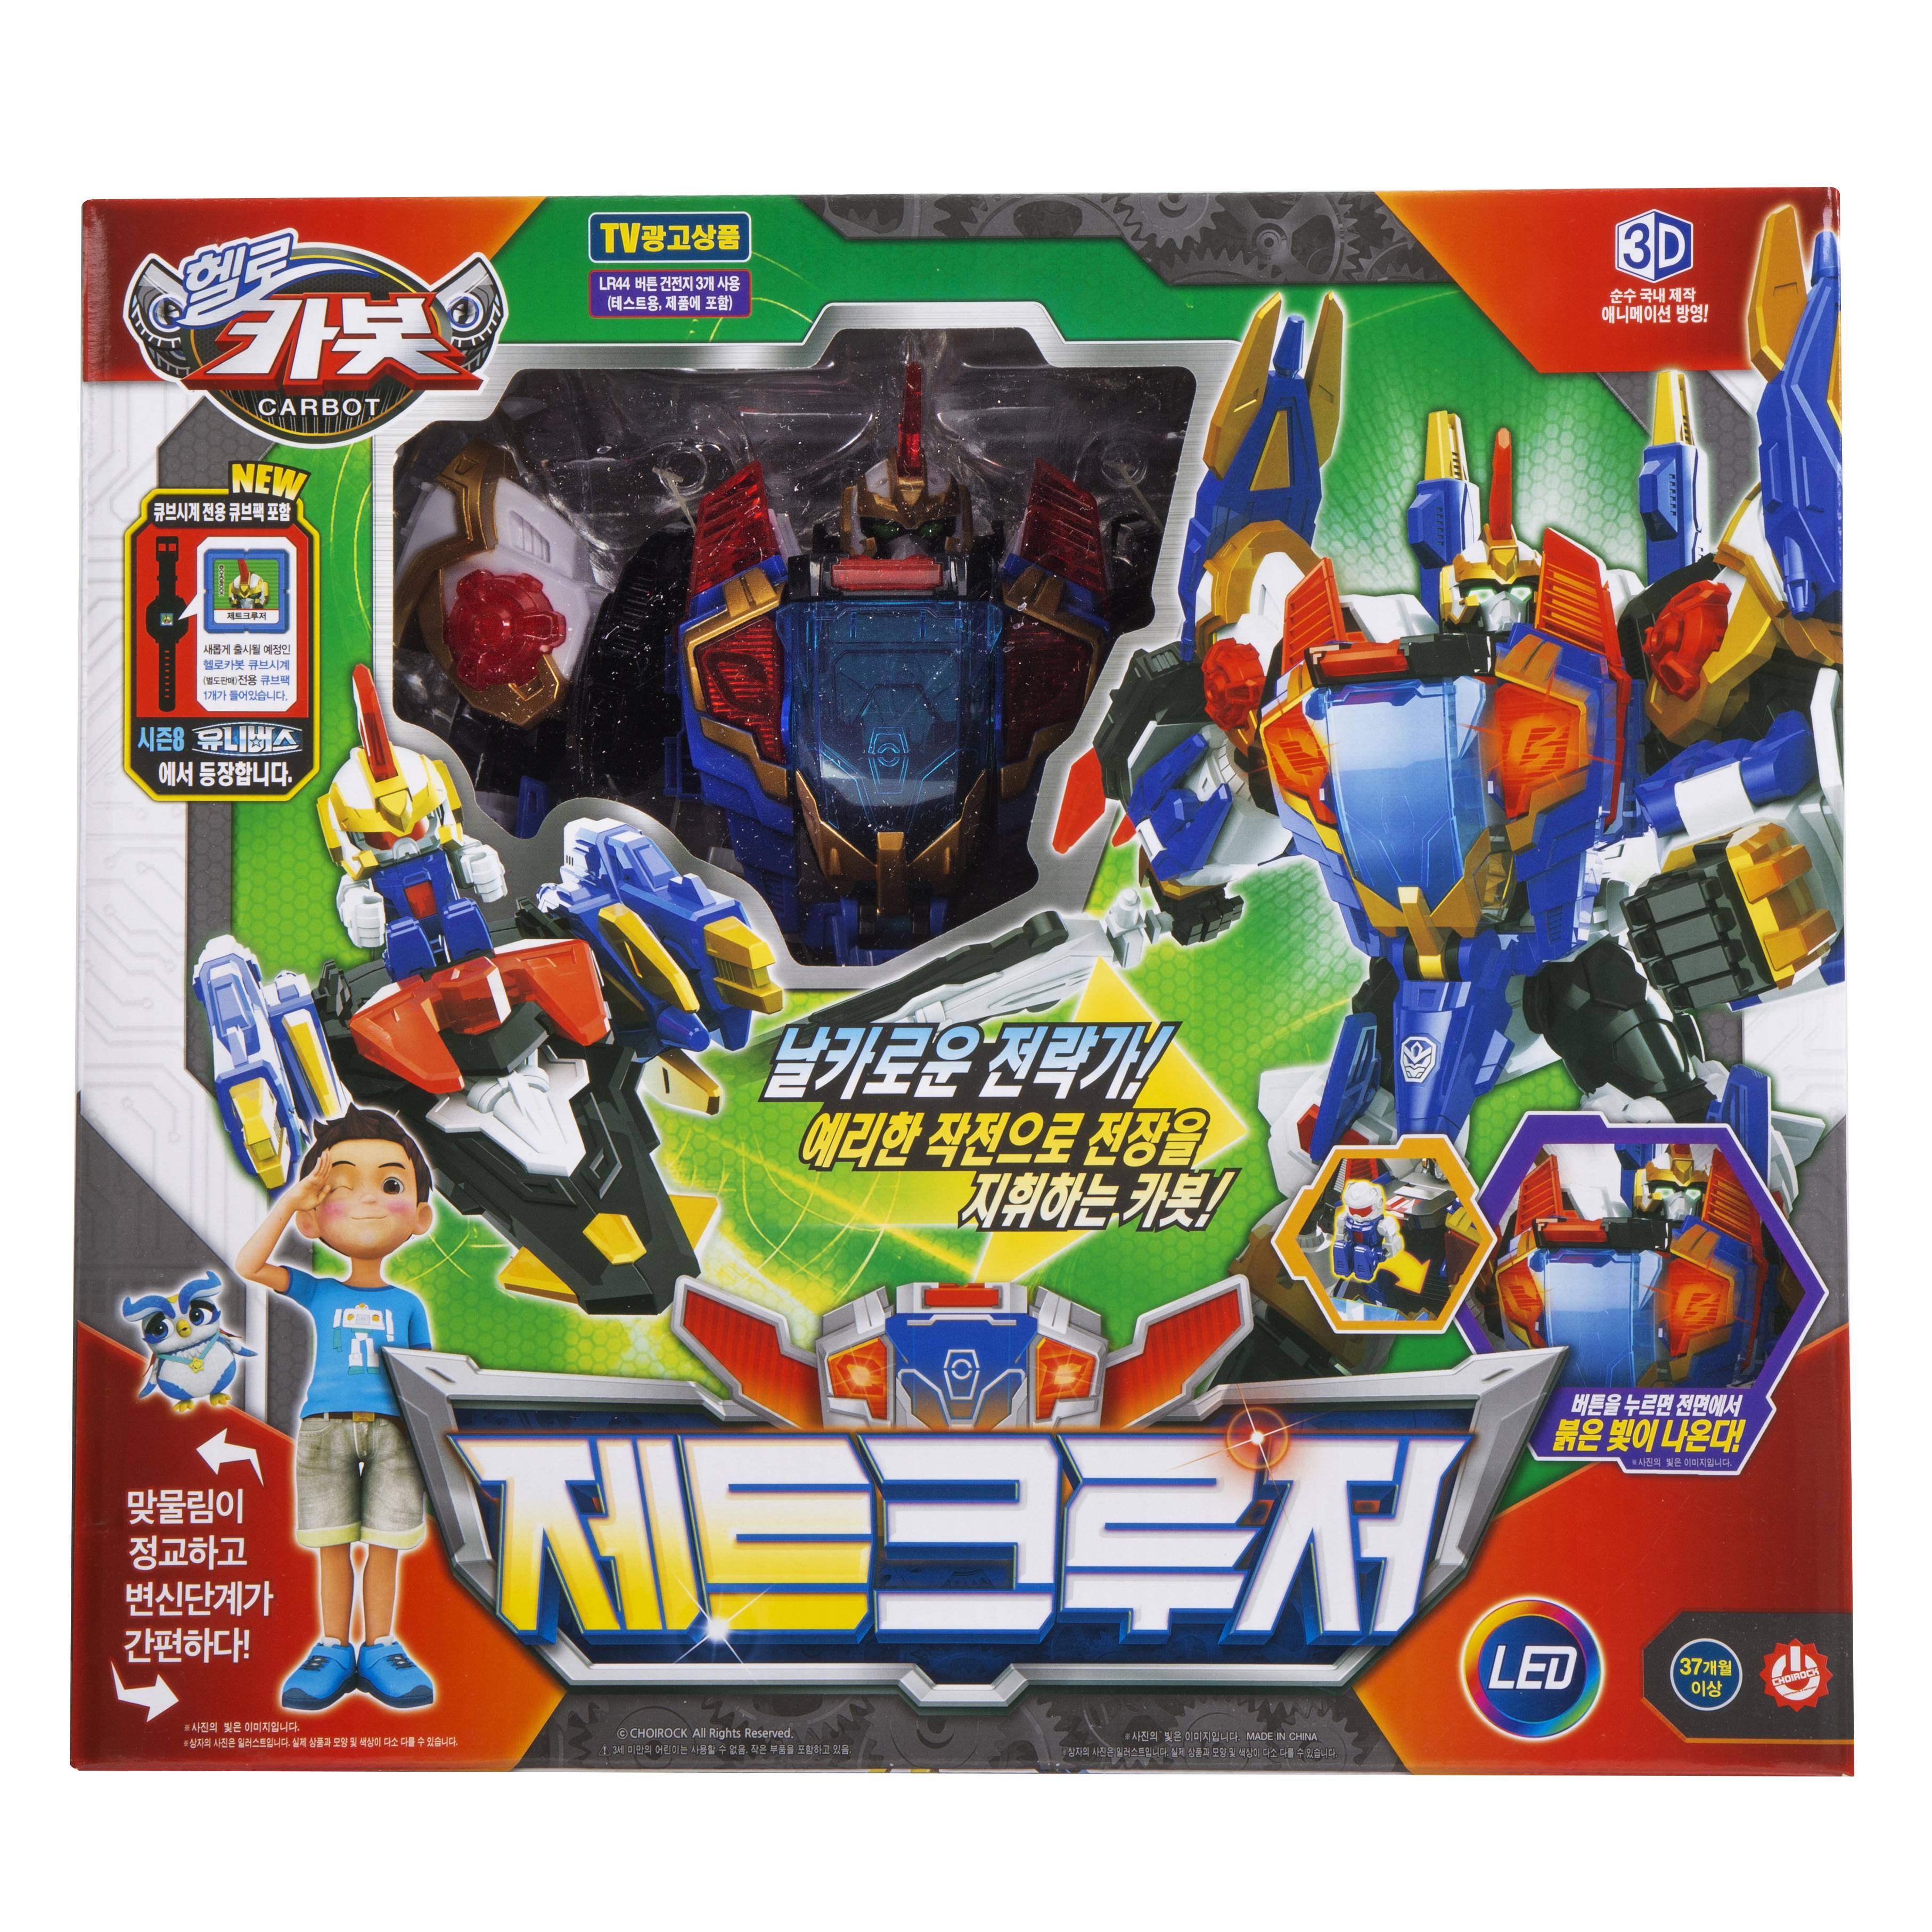 헬로카봇 제트크루저 로봇장난감, 혼합 색상